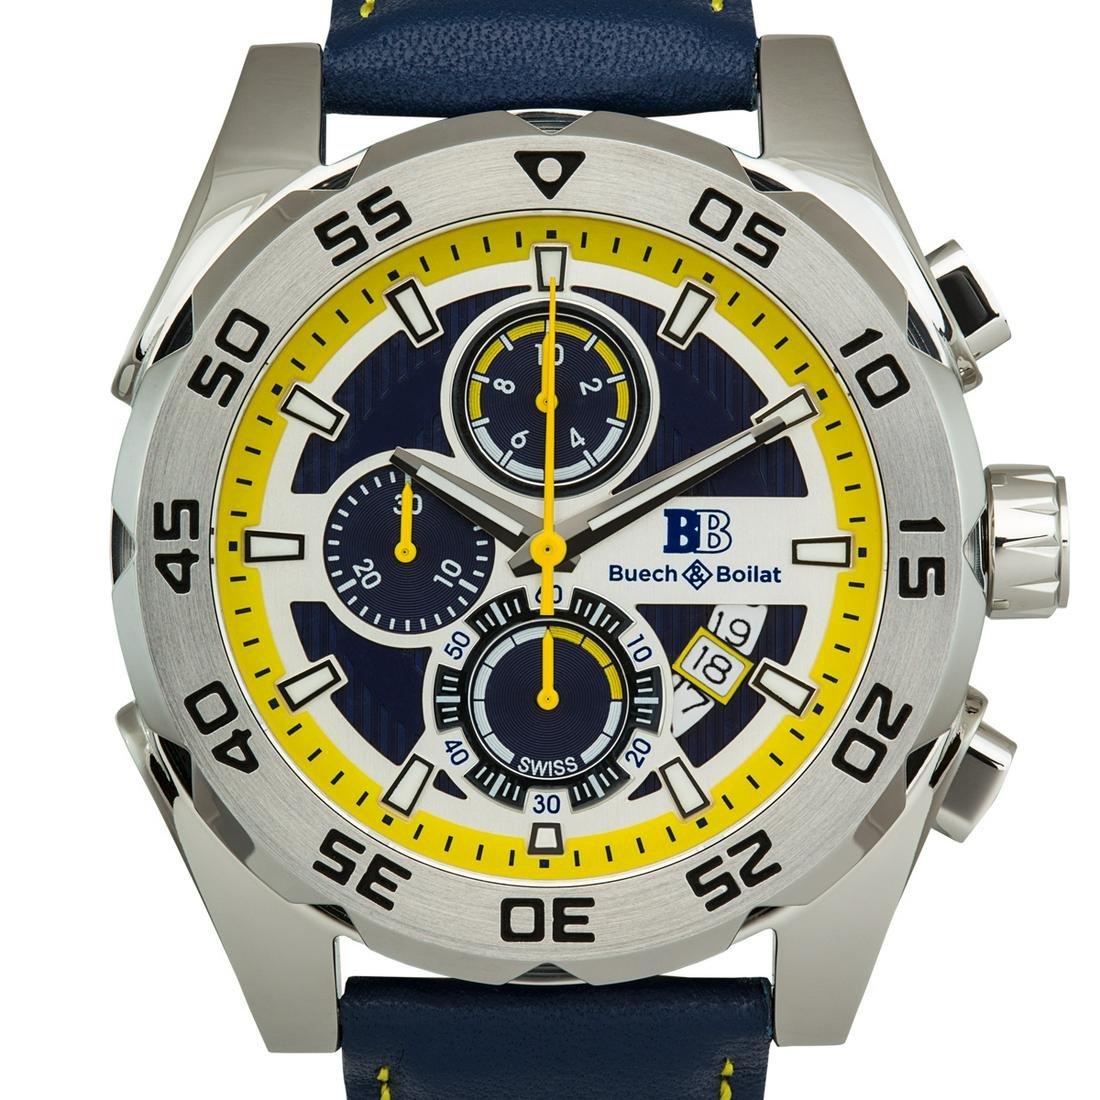 Buech & Boilat Swiss Chronograph Torent Mens Watch